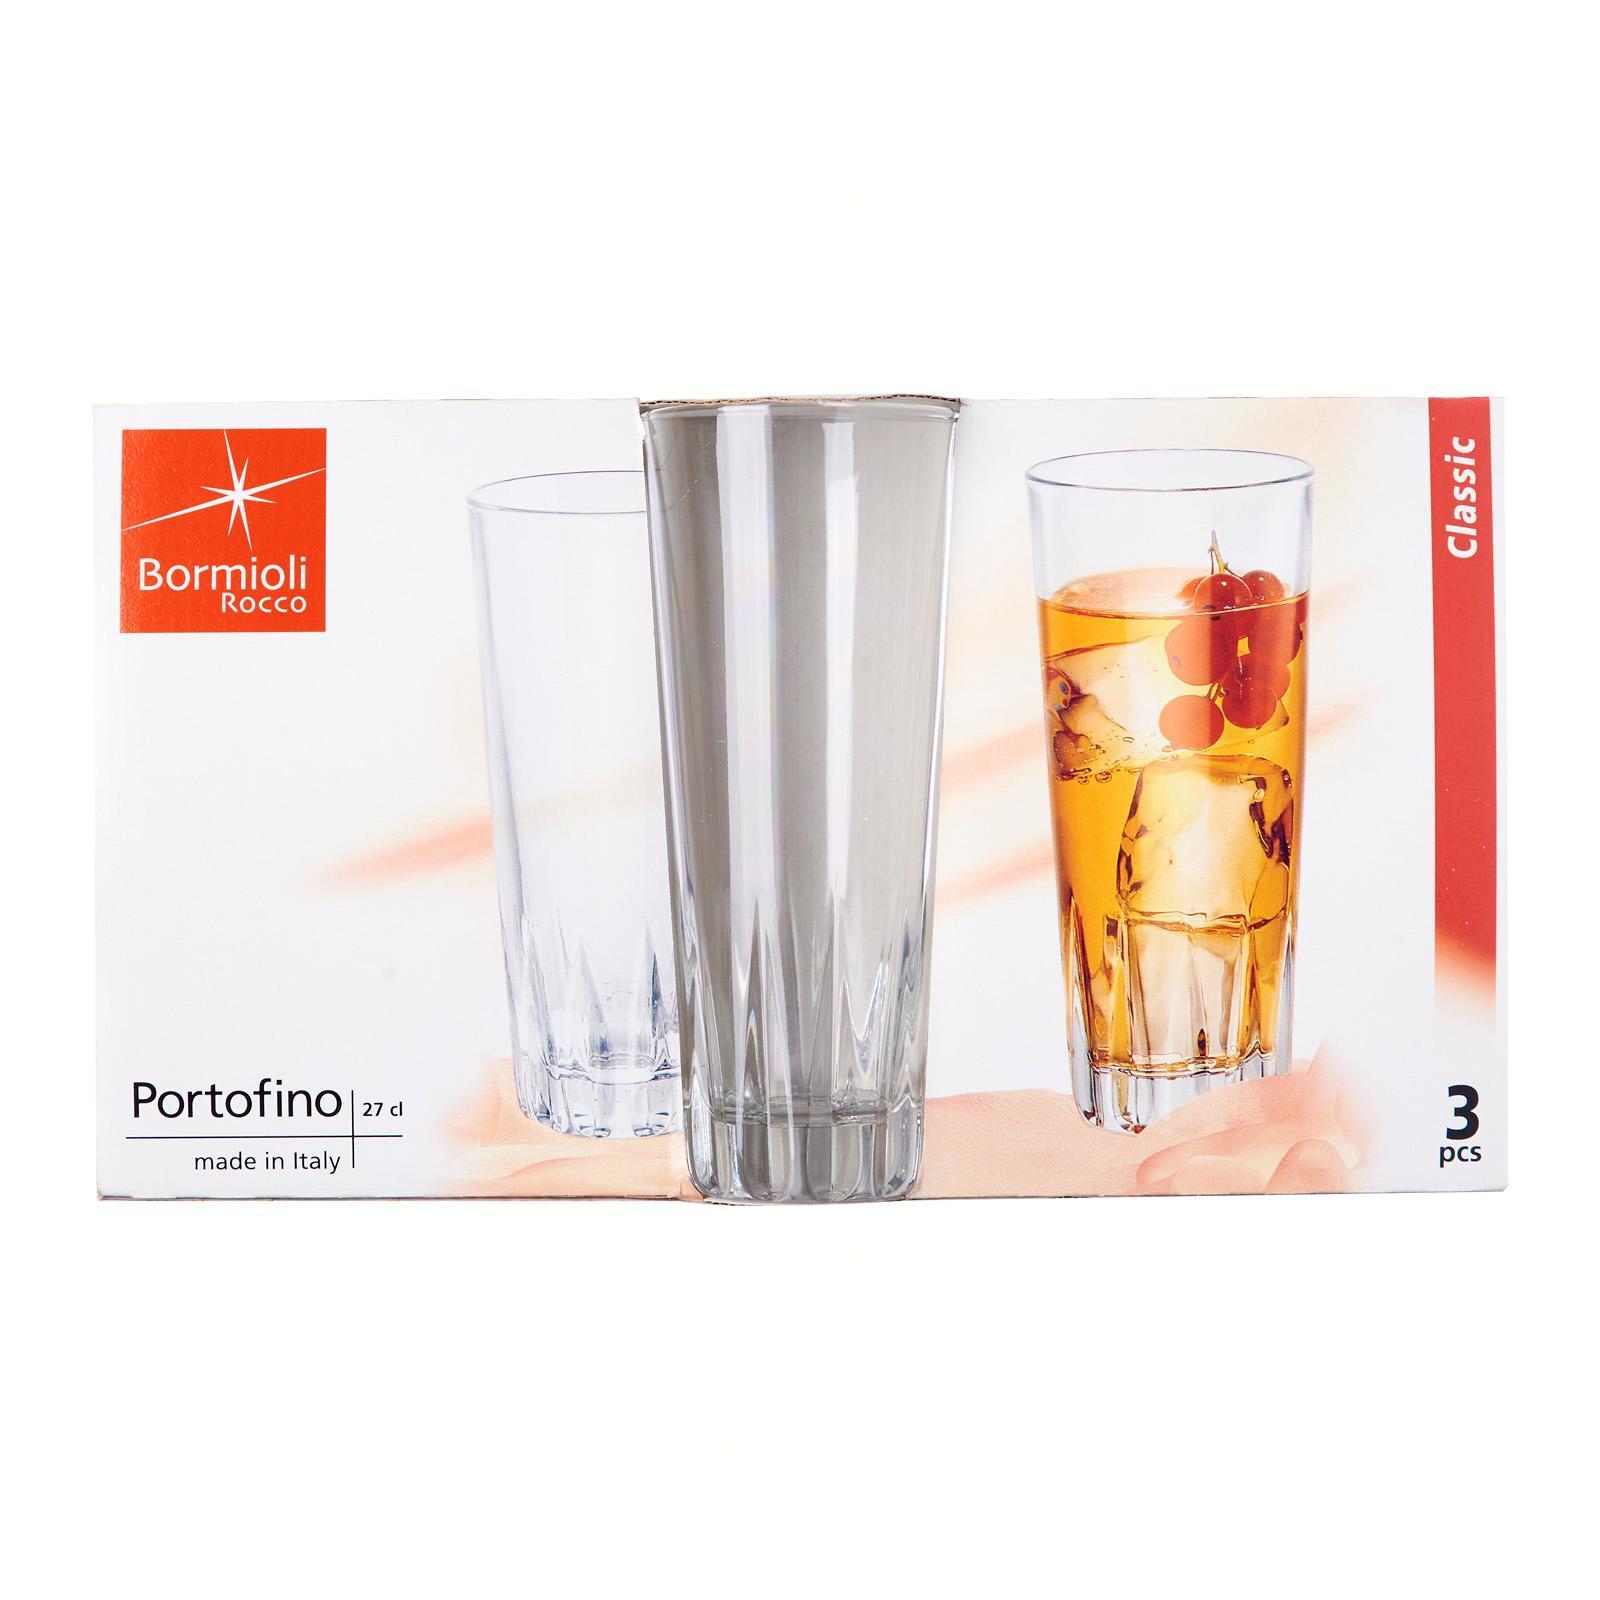 Bormioli Rocco Portofino Long Drink Glass 27Cl